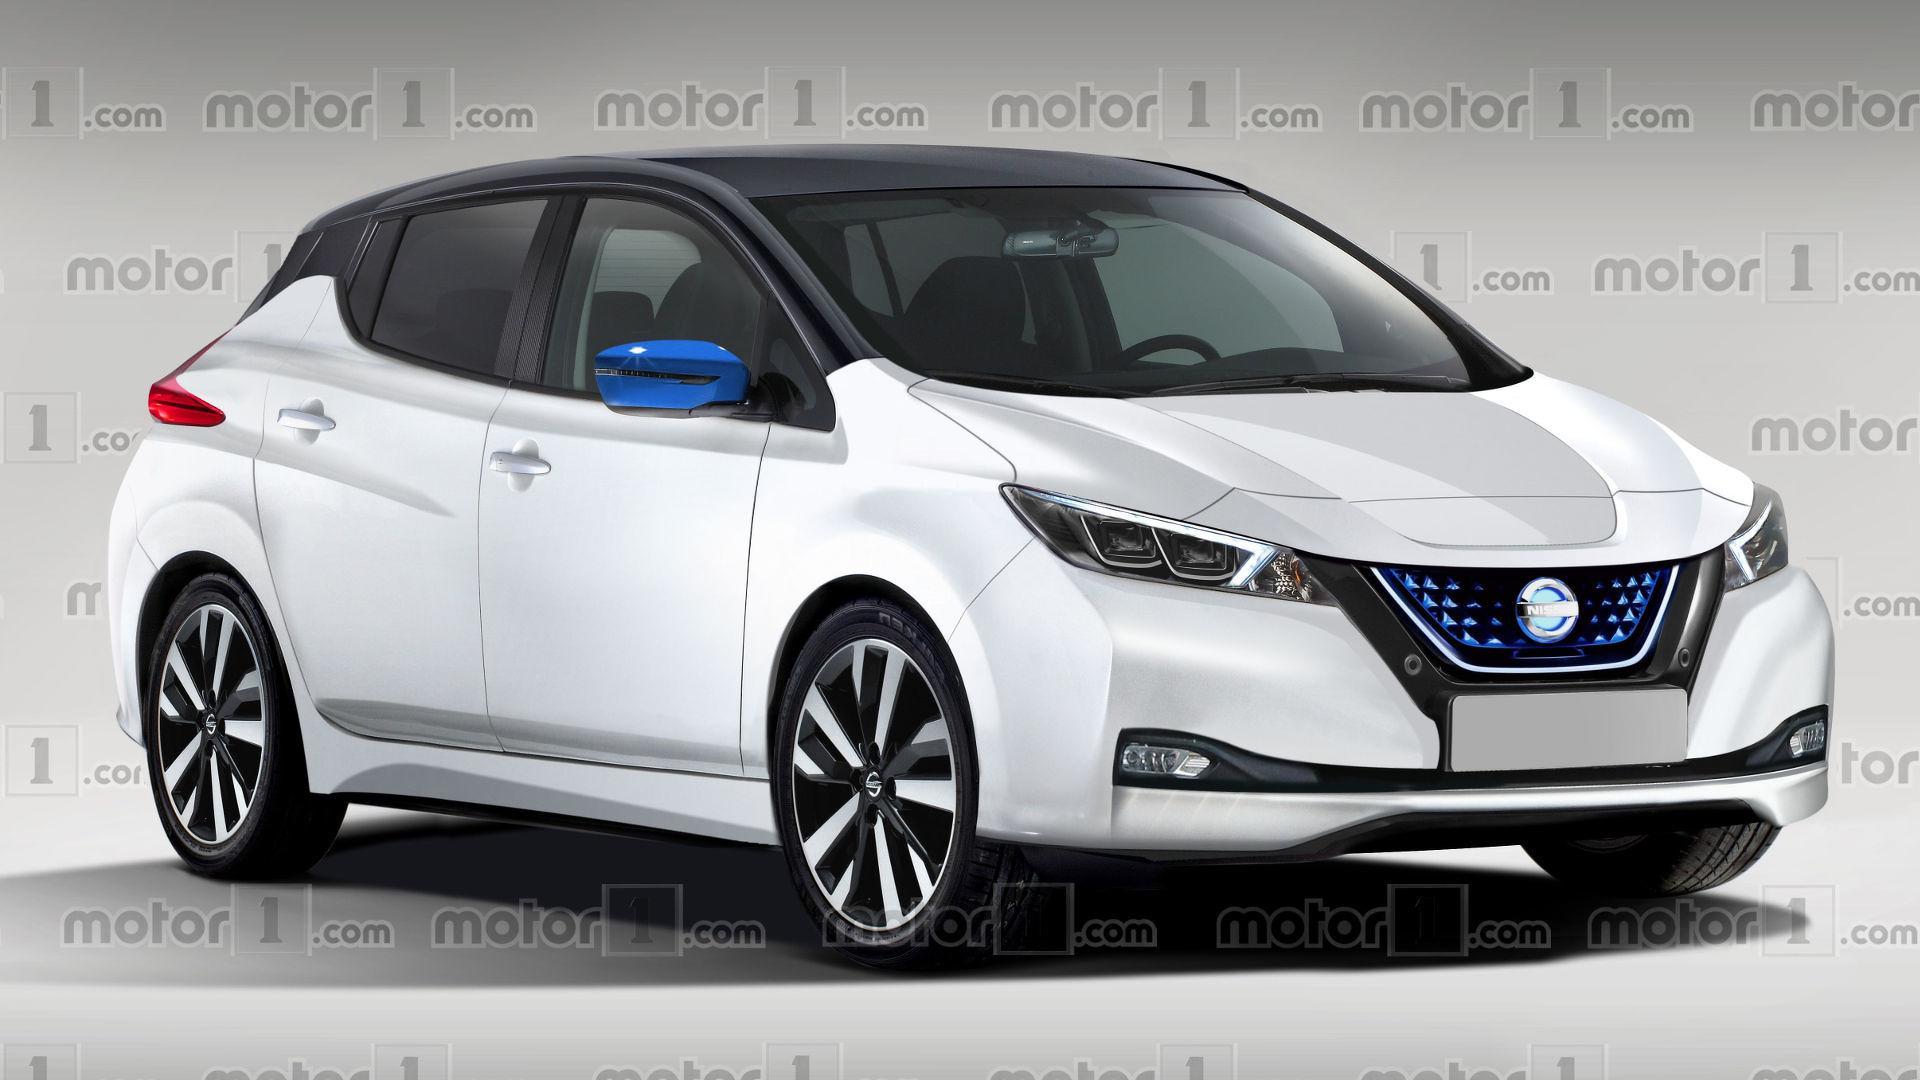 Тизер второго поколения электромобиля Nissan Leaf появился в интернете